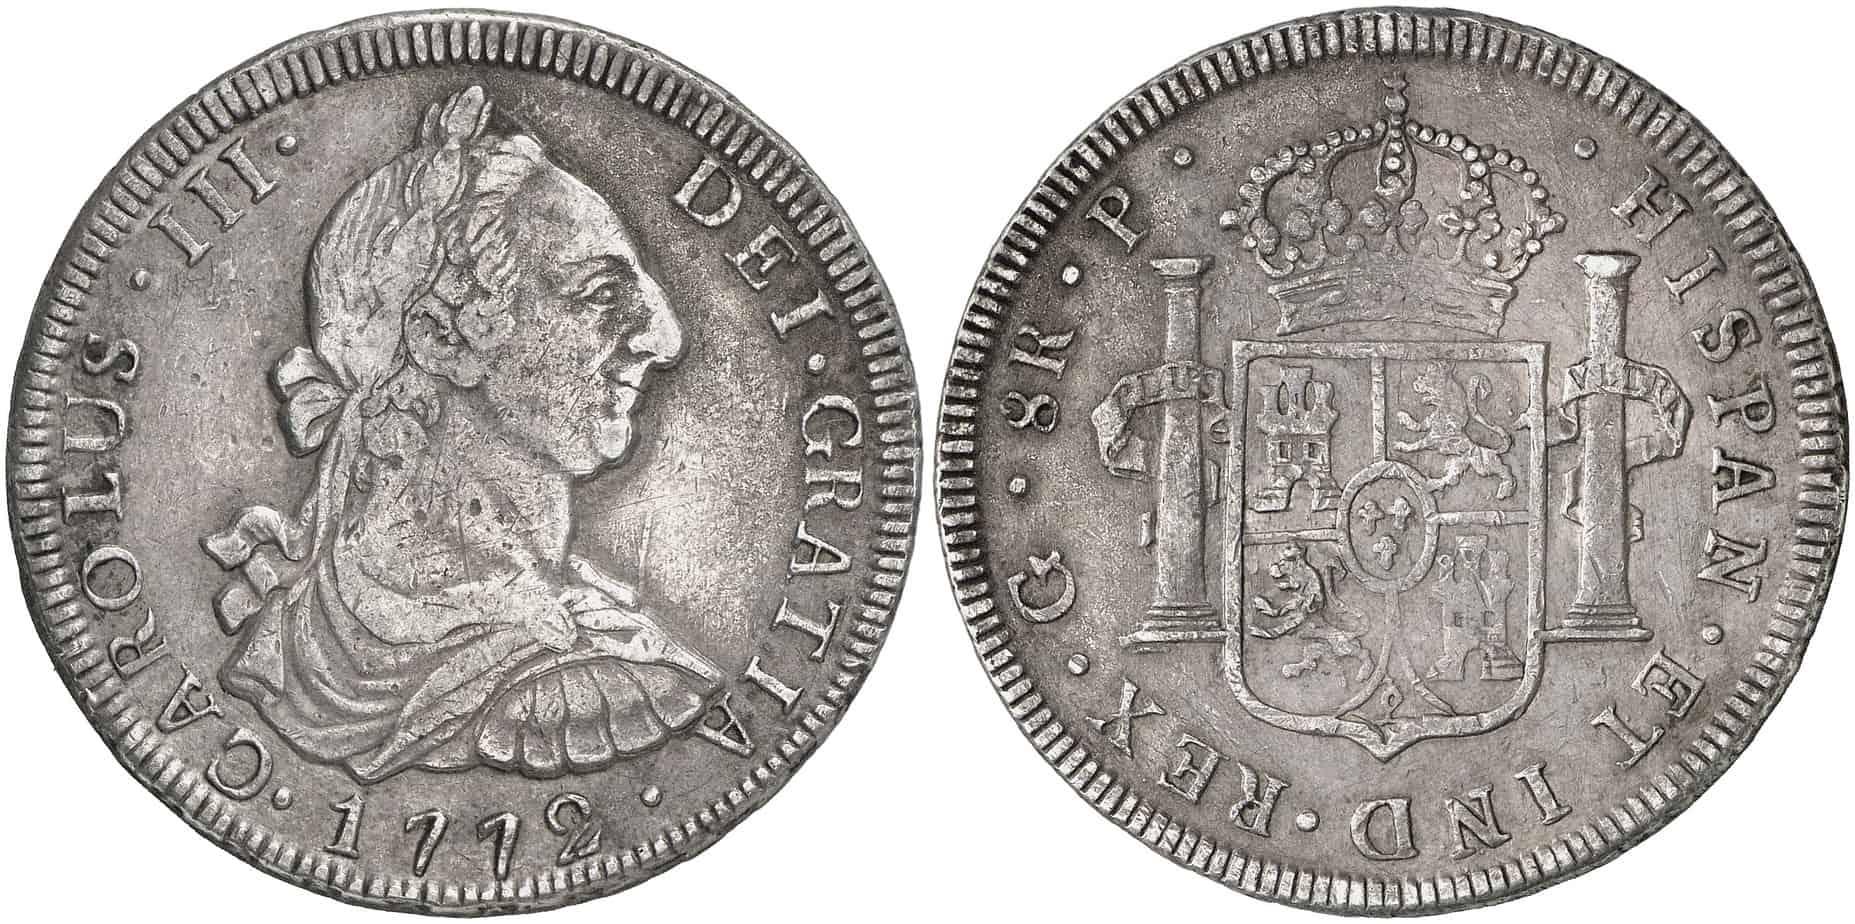 8 reales de Guatemala, diseño de busto